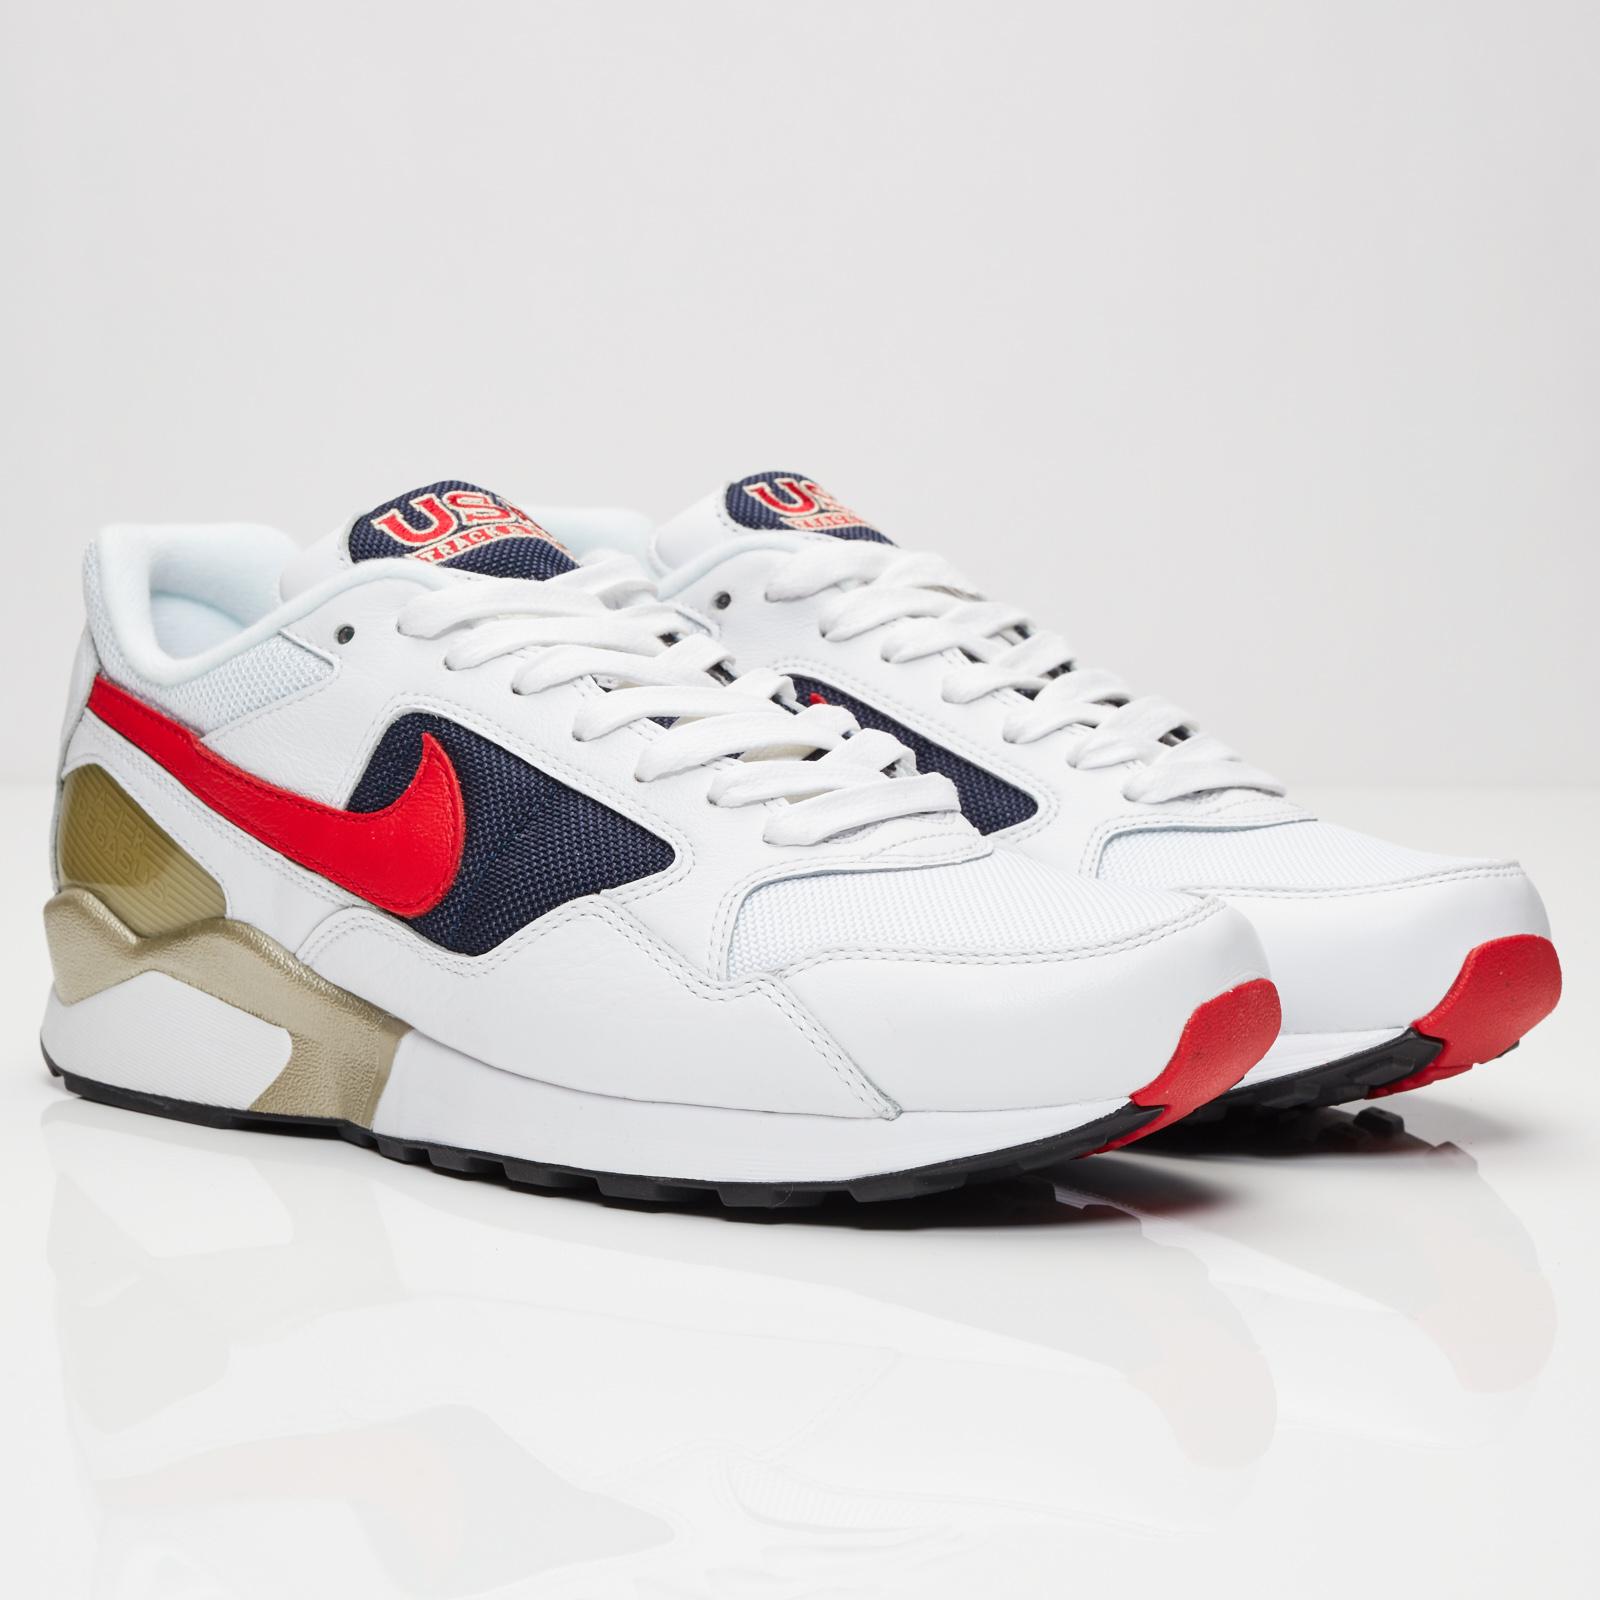 8331c623706a1 Nike Air Pegasus 92 Premium - 844964-100 - Sneakersnstuff